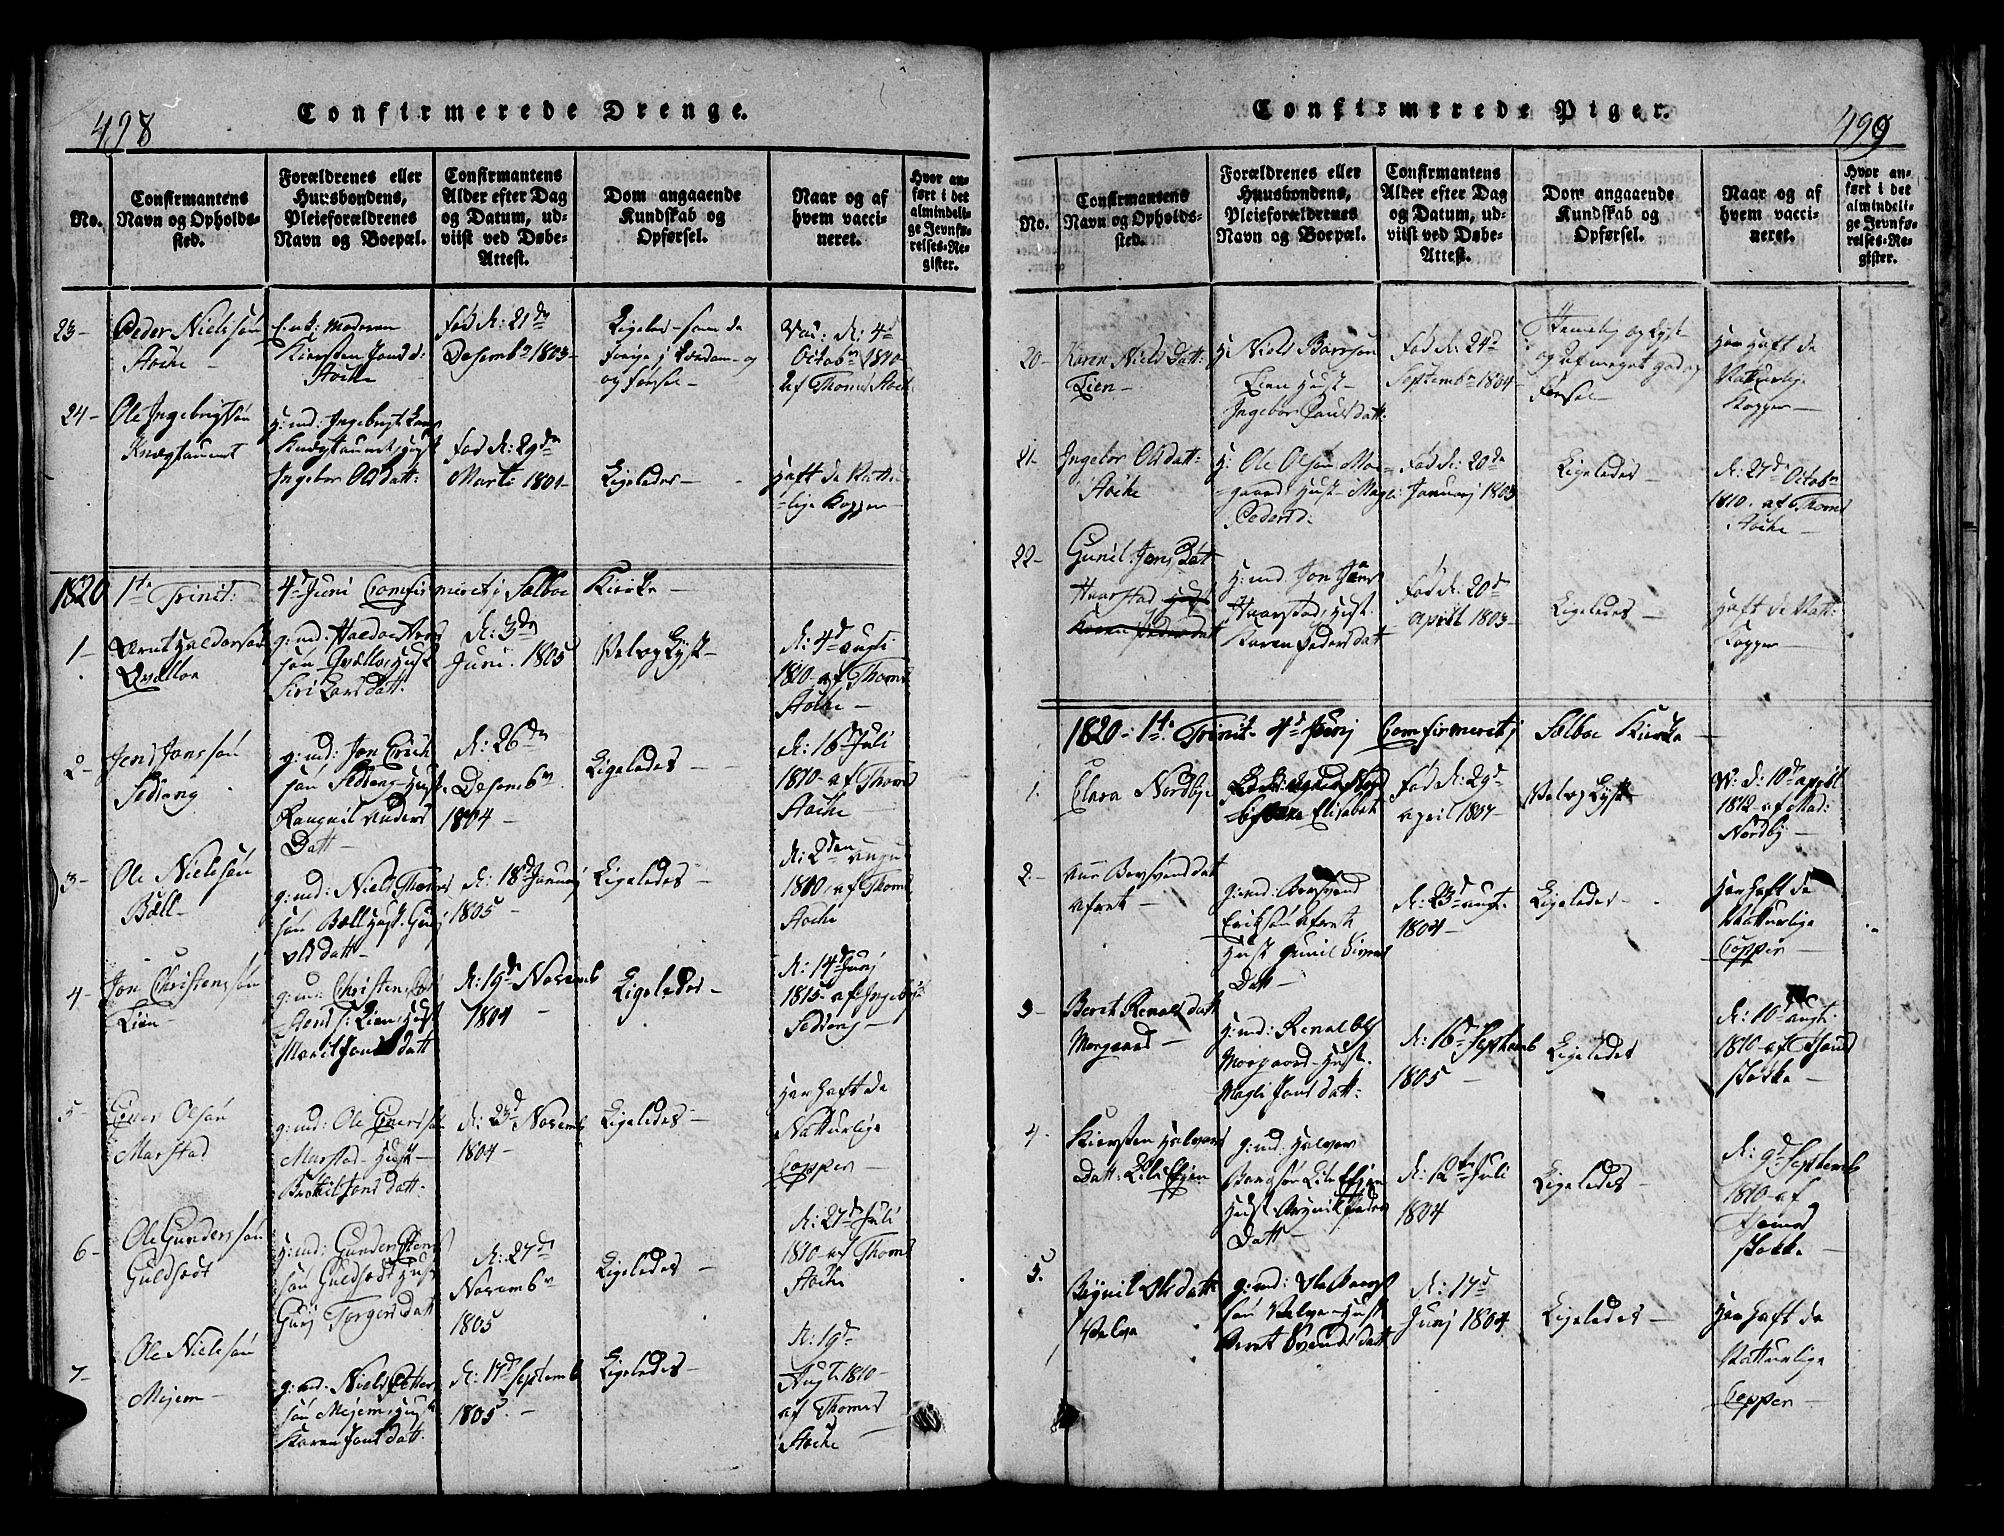 SAT, Ministerialprotokoller, klokkerbøker og fødselsregistre - Sør-Trøndelag, 695/L1152: Klokkerbok nr. 695C03, 1816-1831, s. 498-499